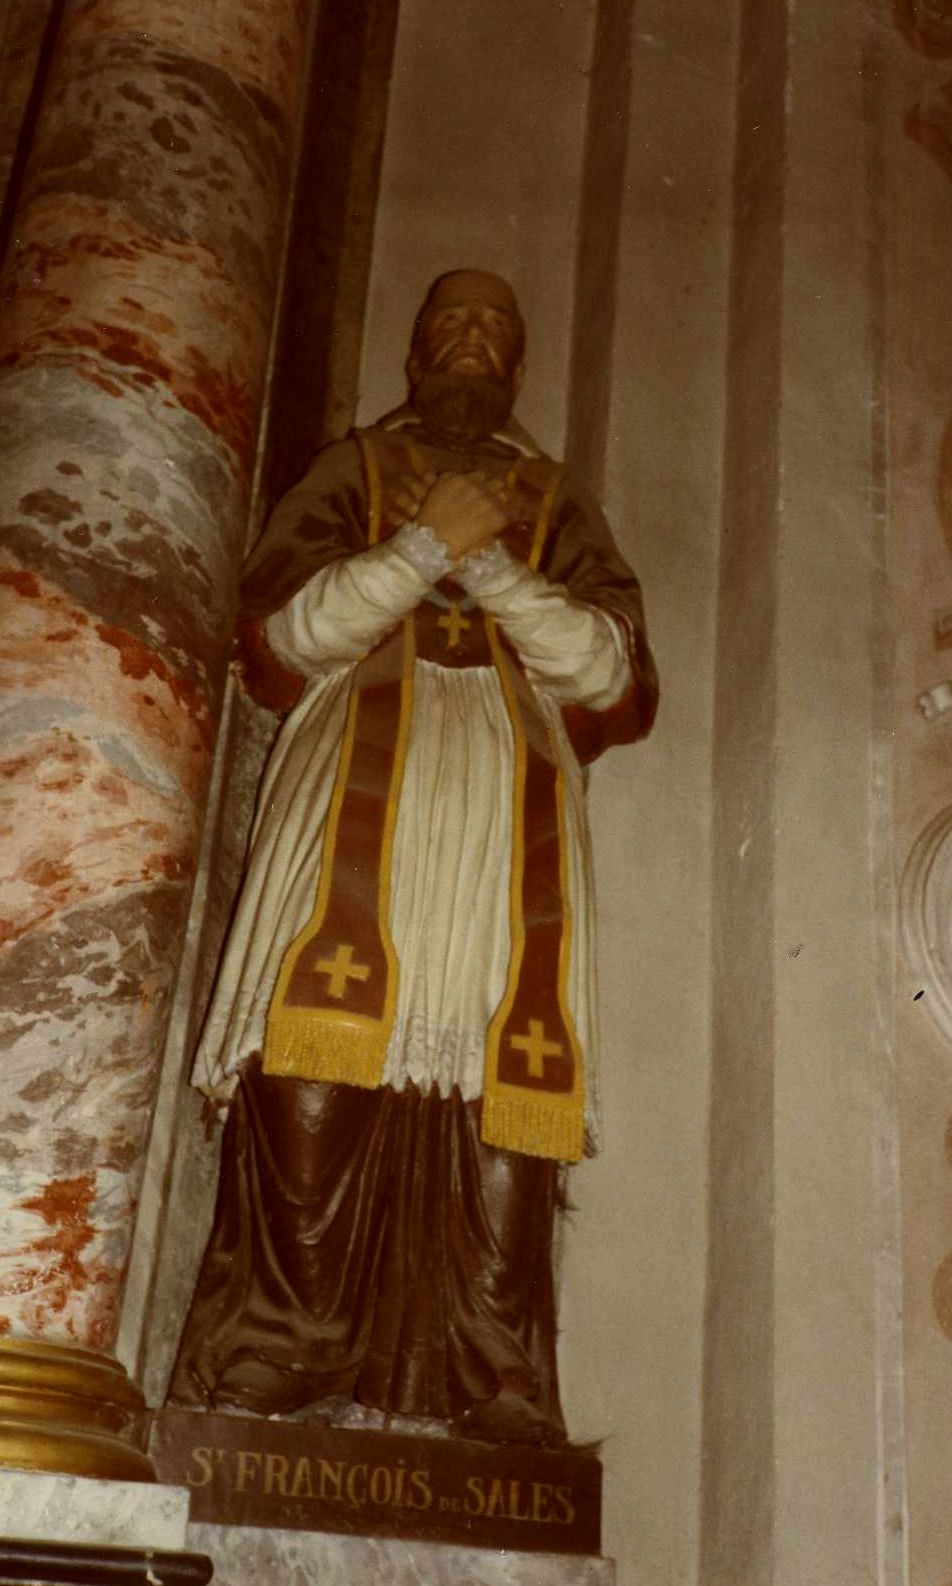 Quatre statues : Sainte Christine, Saint Aimé, Saint Ambroise de Ligori, Saint François de Sales